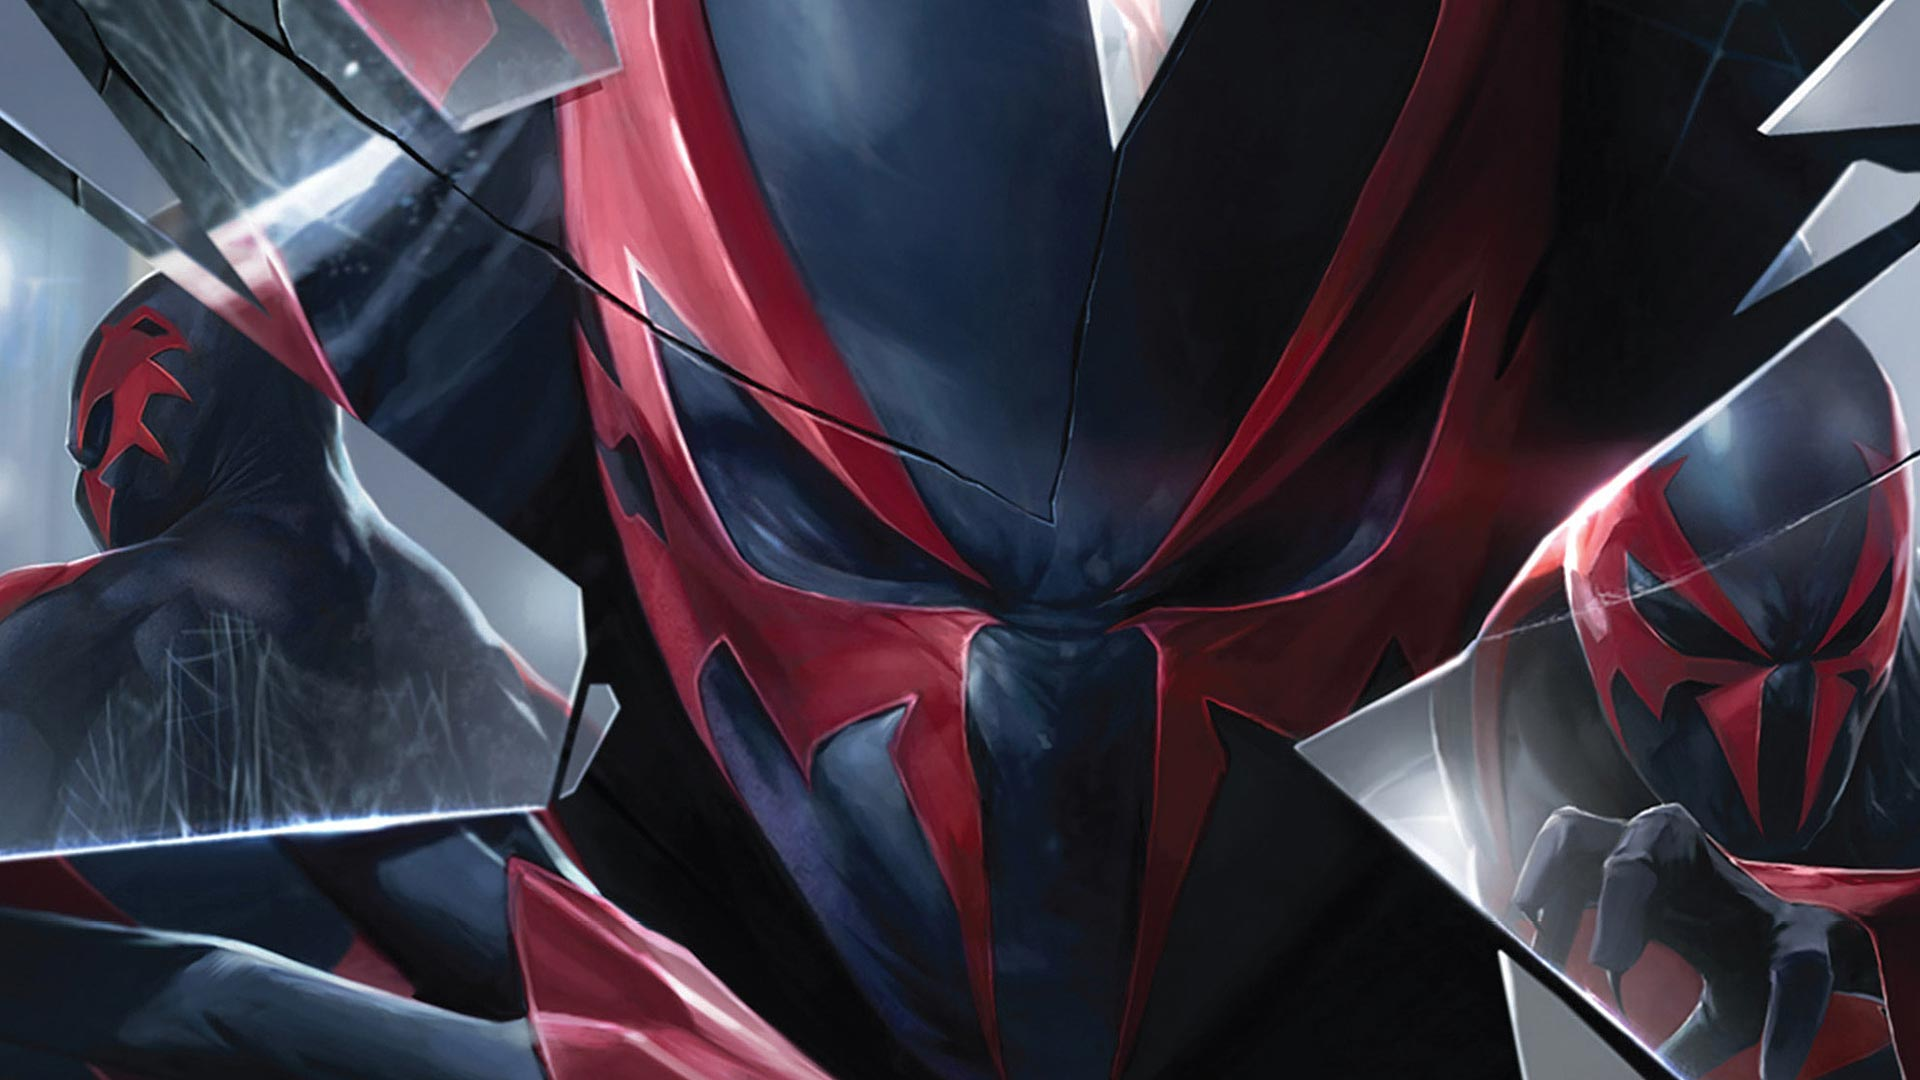 Os Significados Da Cena Pos Creditos De Homem Aranha No Aranhaverso